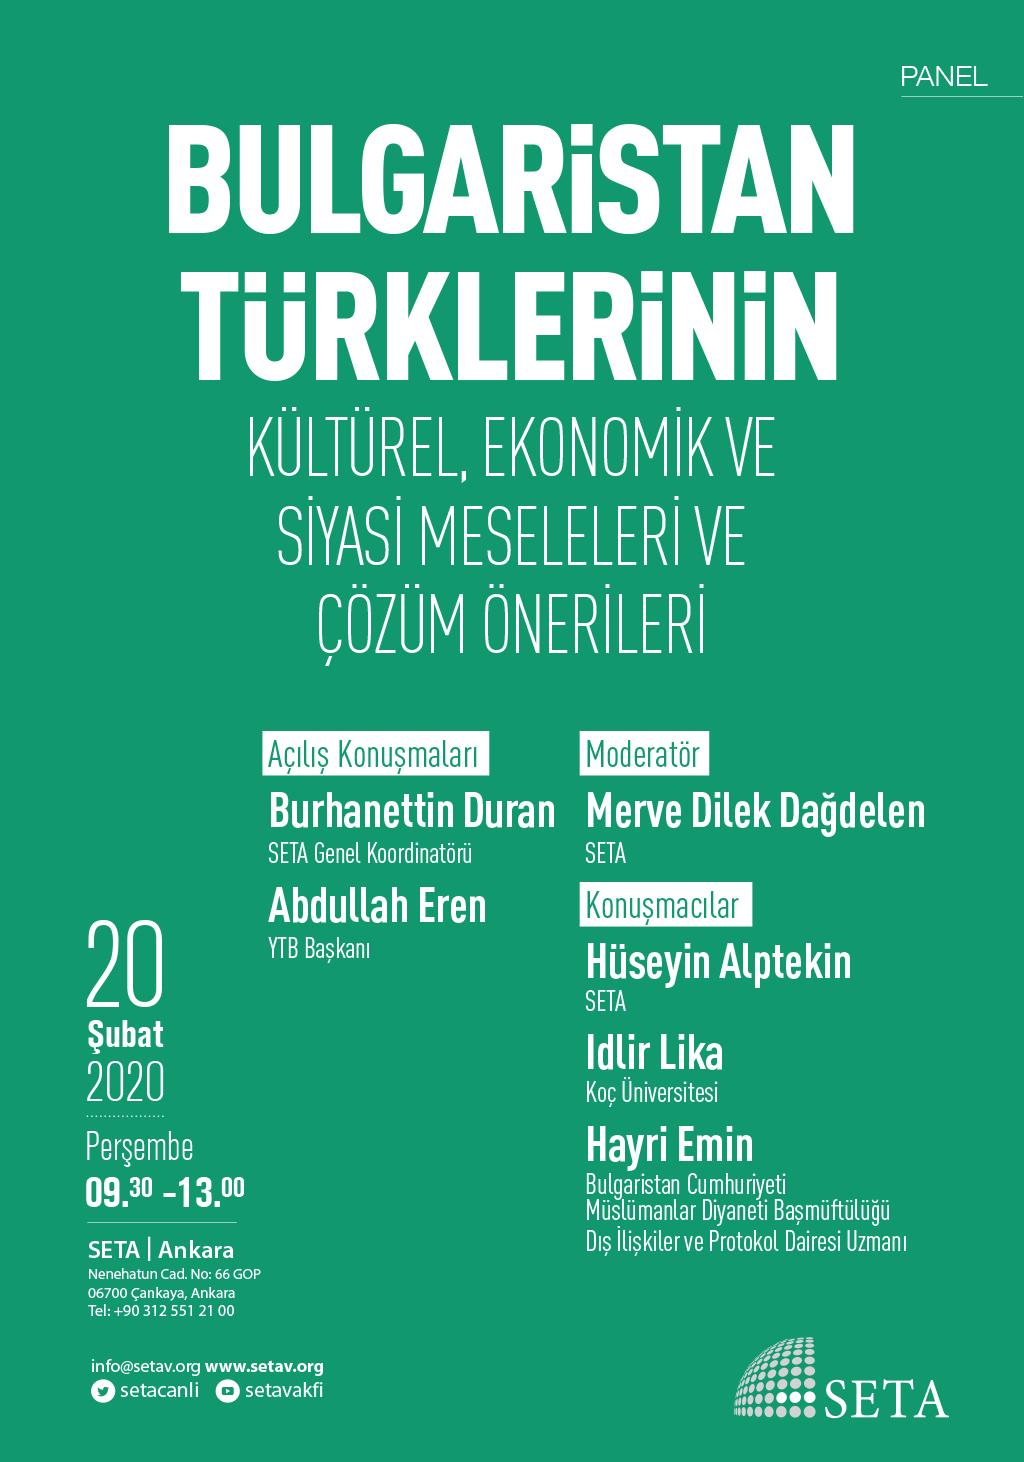 Panel: Bulgaristan Türklerinin Kültürel, Ekonomik ve Siyasi Meseleleri ve Çözüm Önerileri